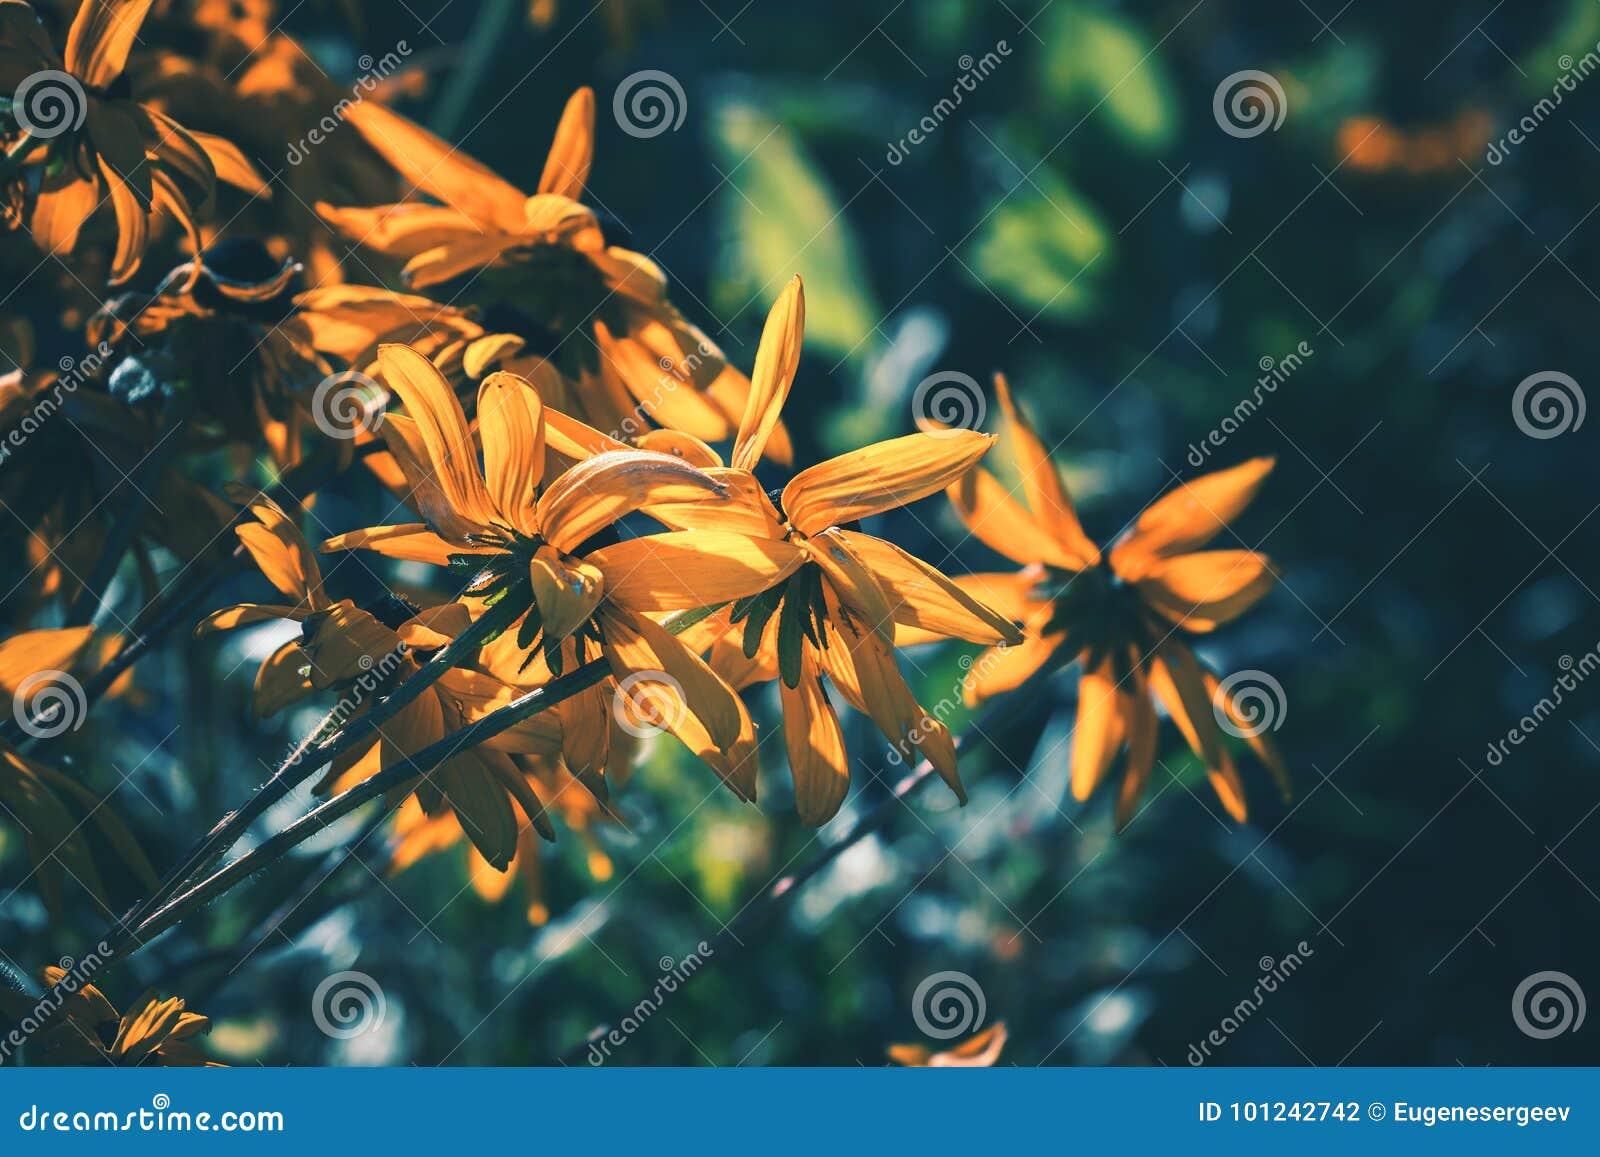 黄色黄金菊或黑眼睛的苏珊花